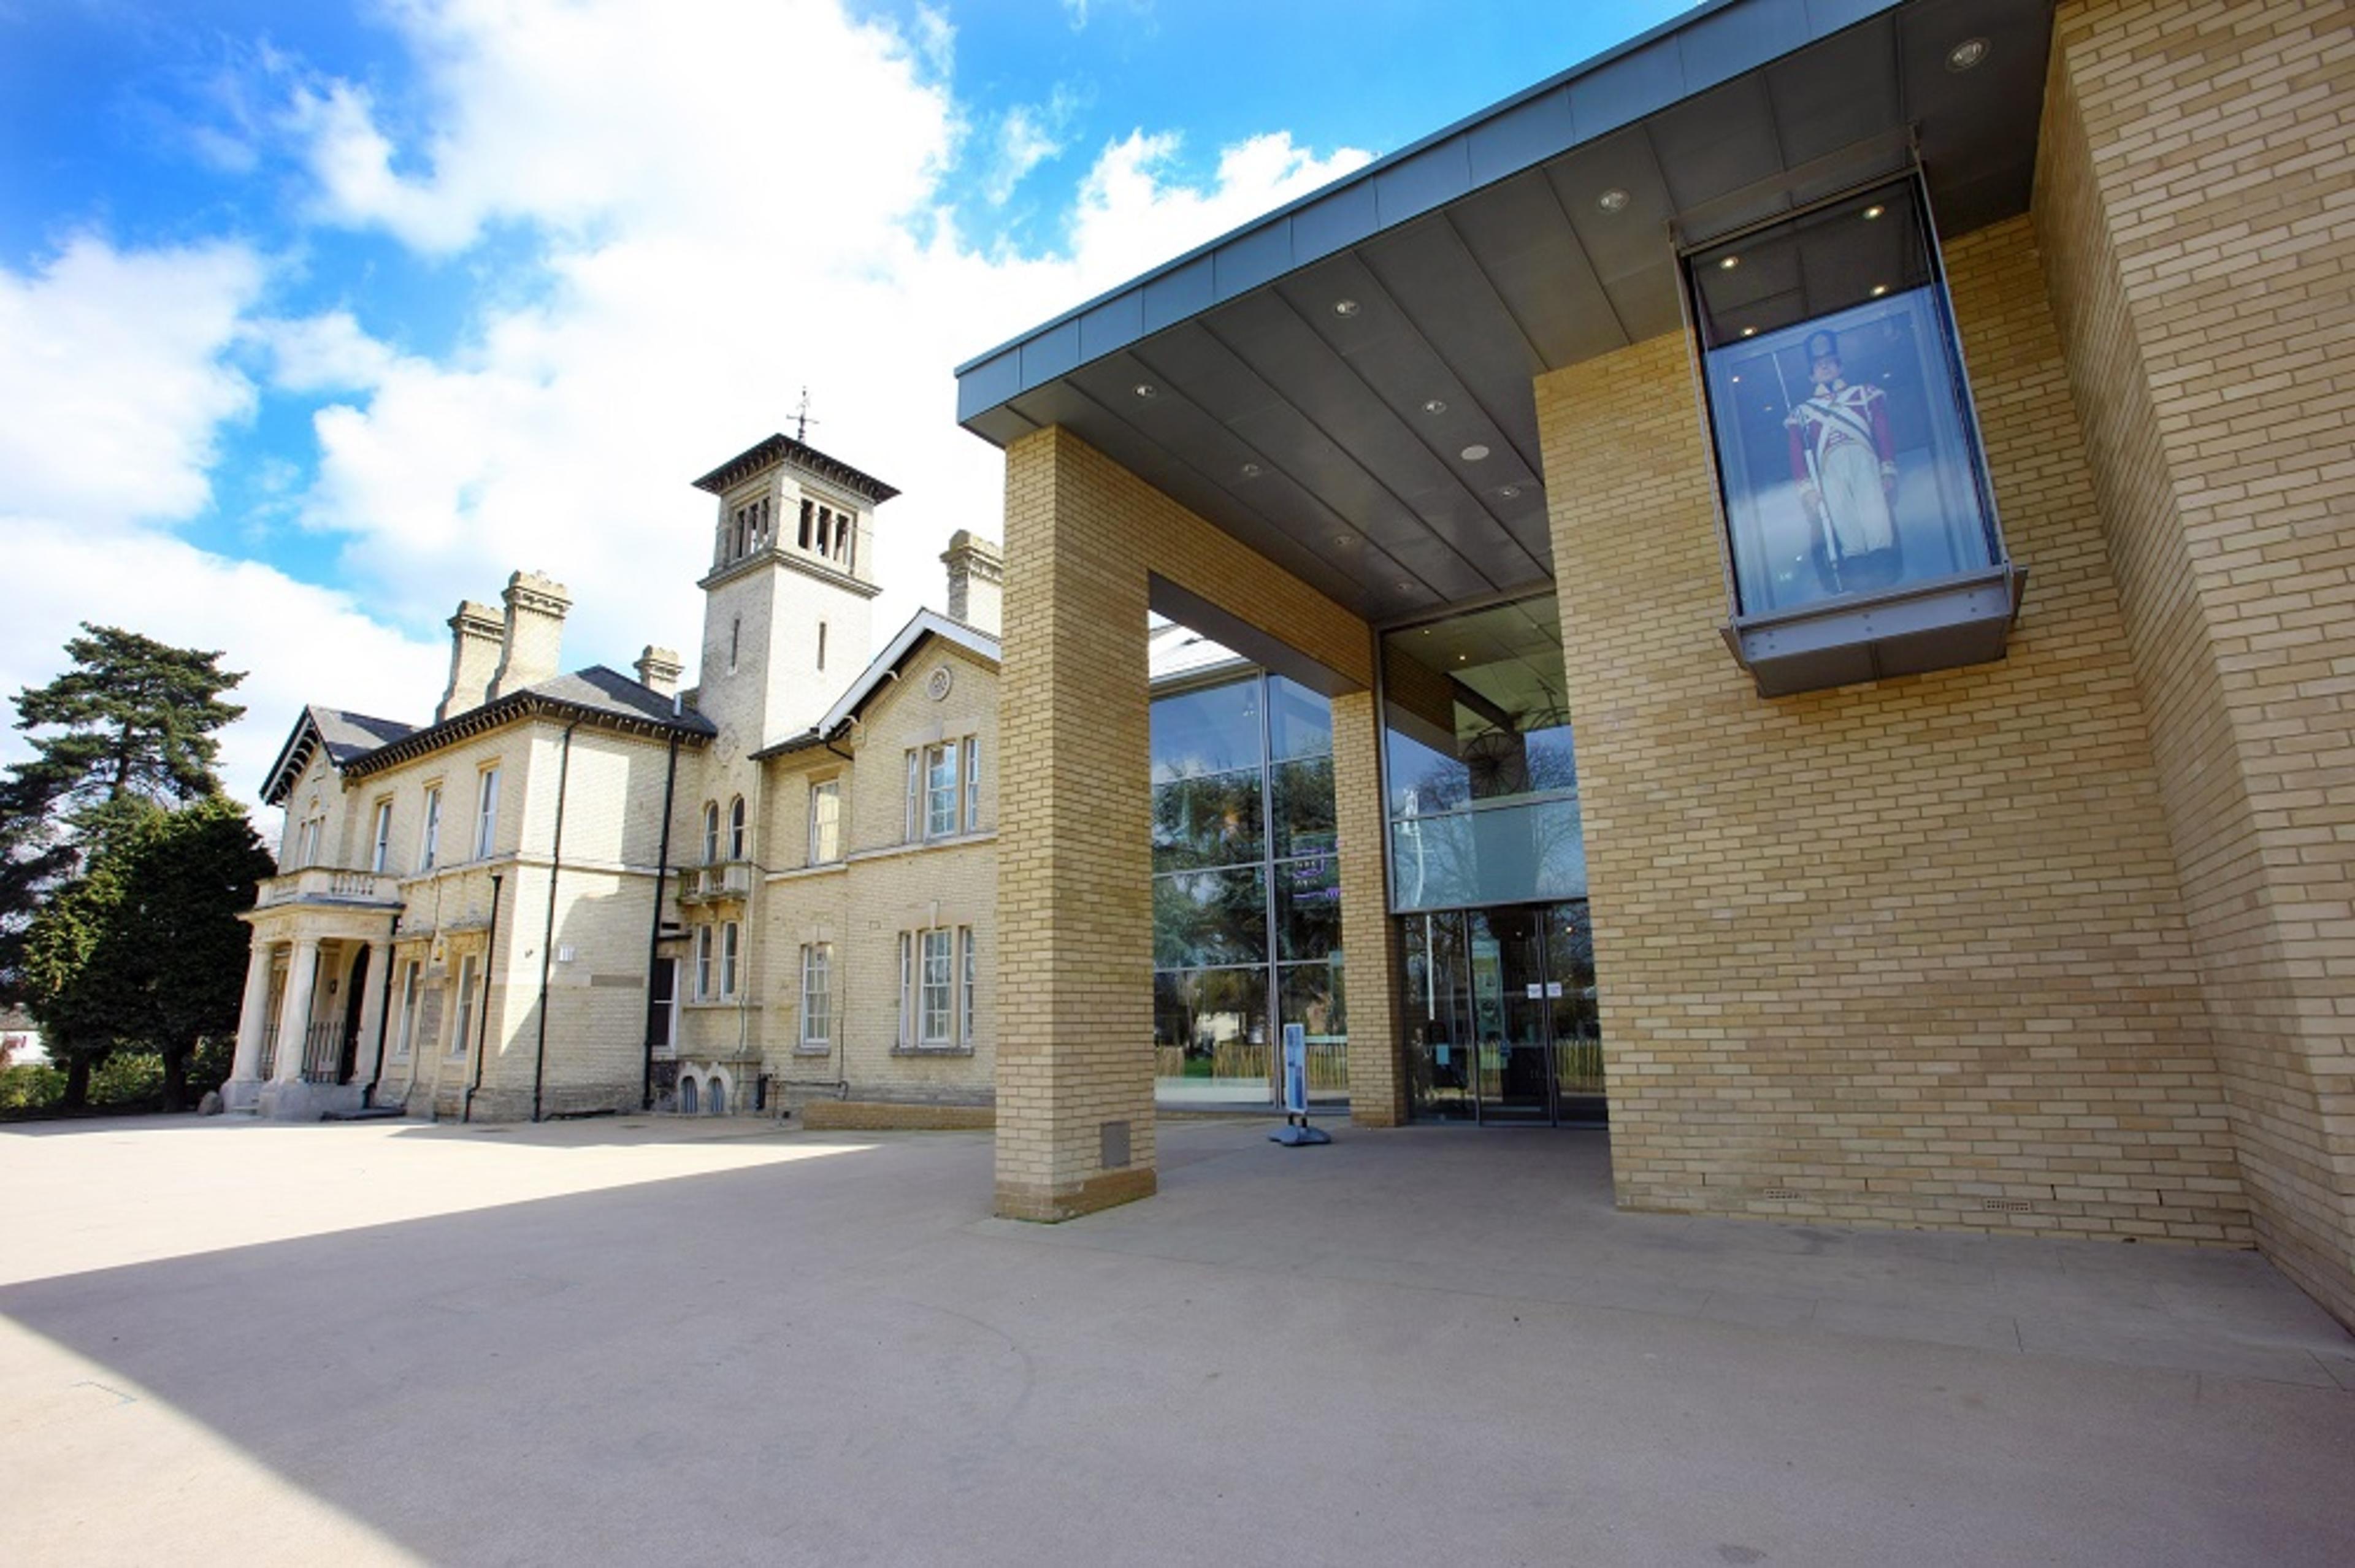 Pompadour - Local Image - Essex Regimental Museum